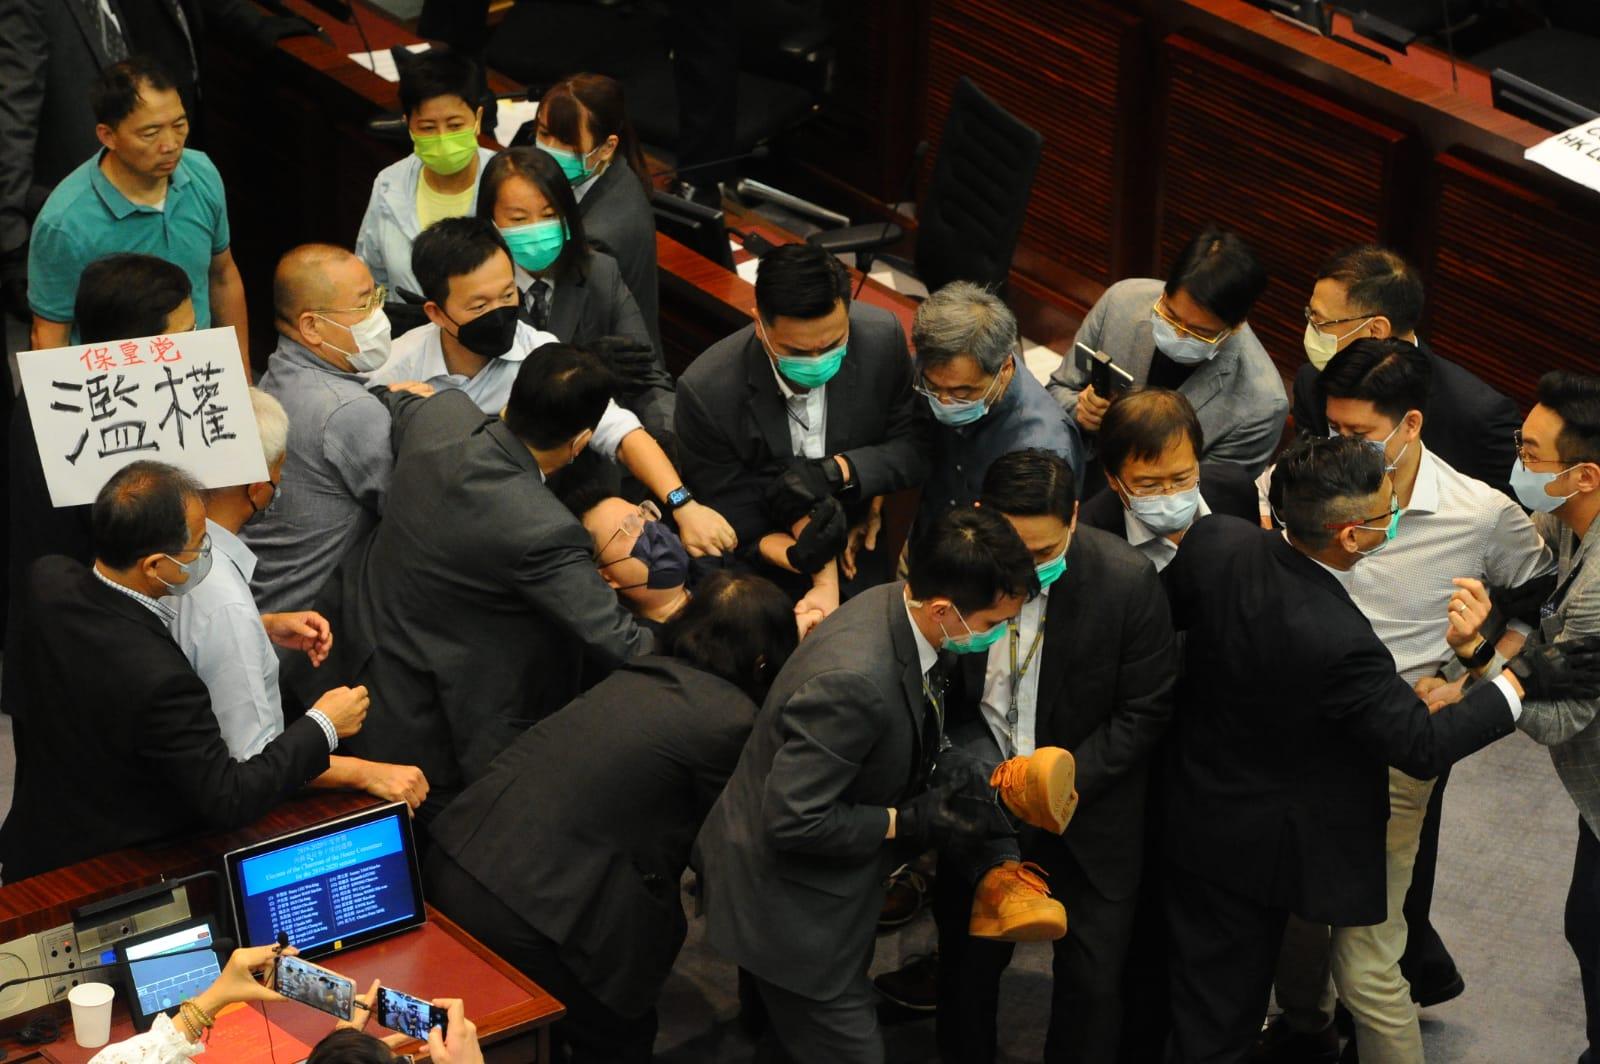 陳健波不斷要求工作人員將議員帶離會場,保安粗暴拉扯,將多位民主派議員包括尹兆堅、鄺俊宇、林卓廷、胡志偉等議員抬出議事廳。尹兆堅議員被抬走。(宋碧龍 / 大紀元)